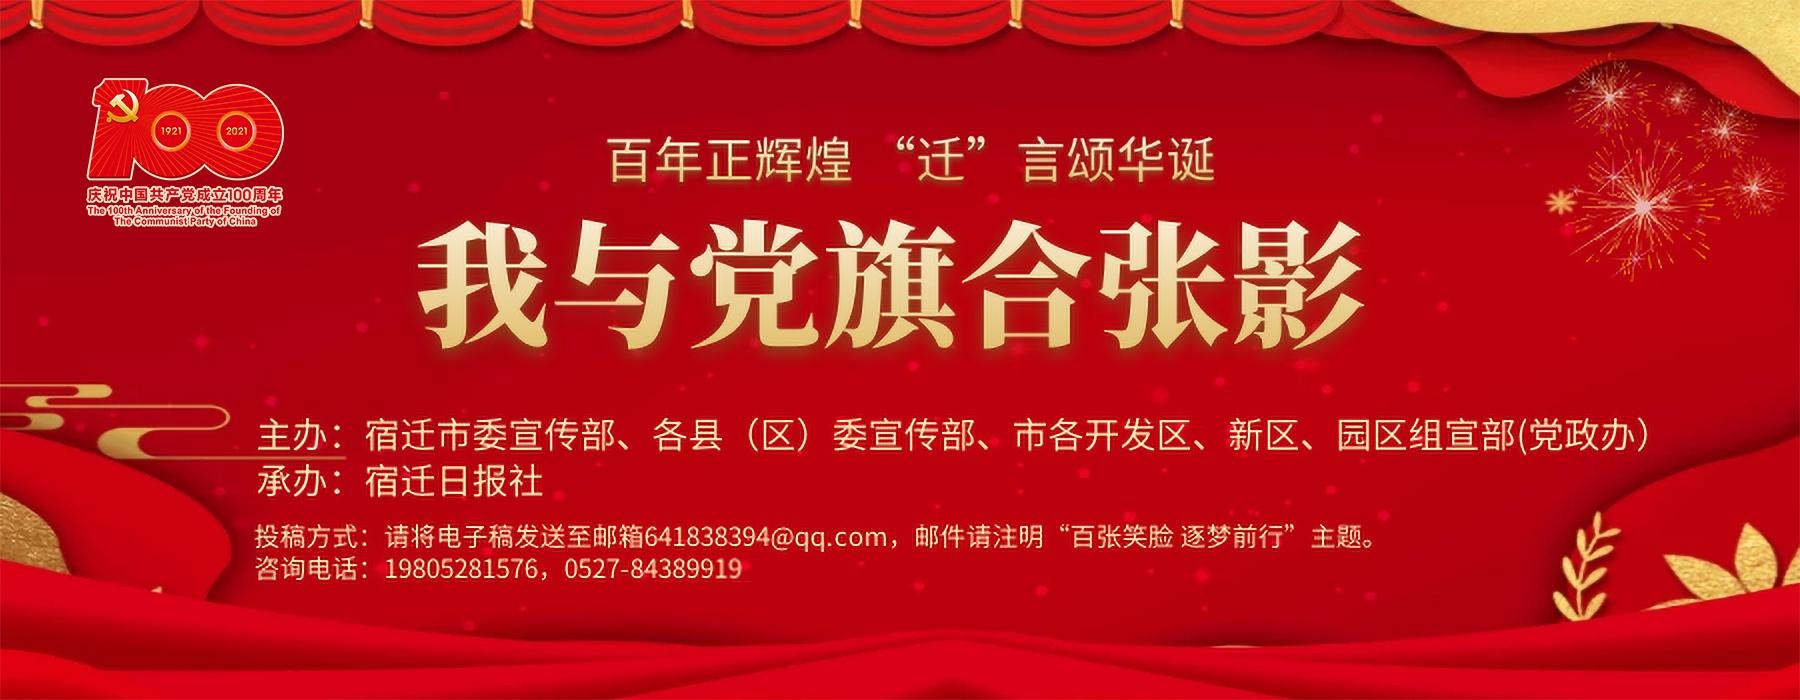 我与党旗合张影(92)|  中国电信泗阳分公司:敢于担当 勇于拼搏